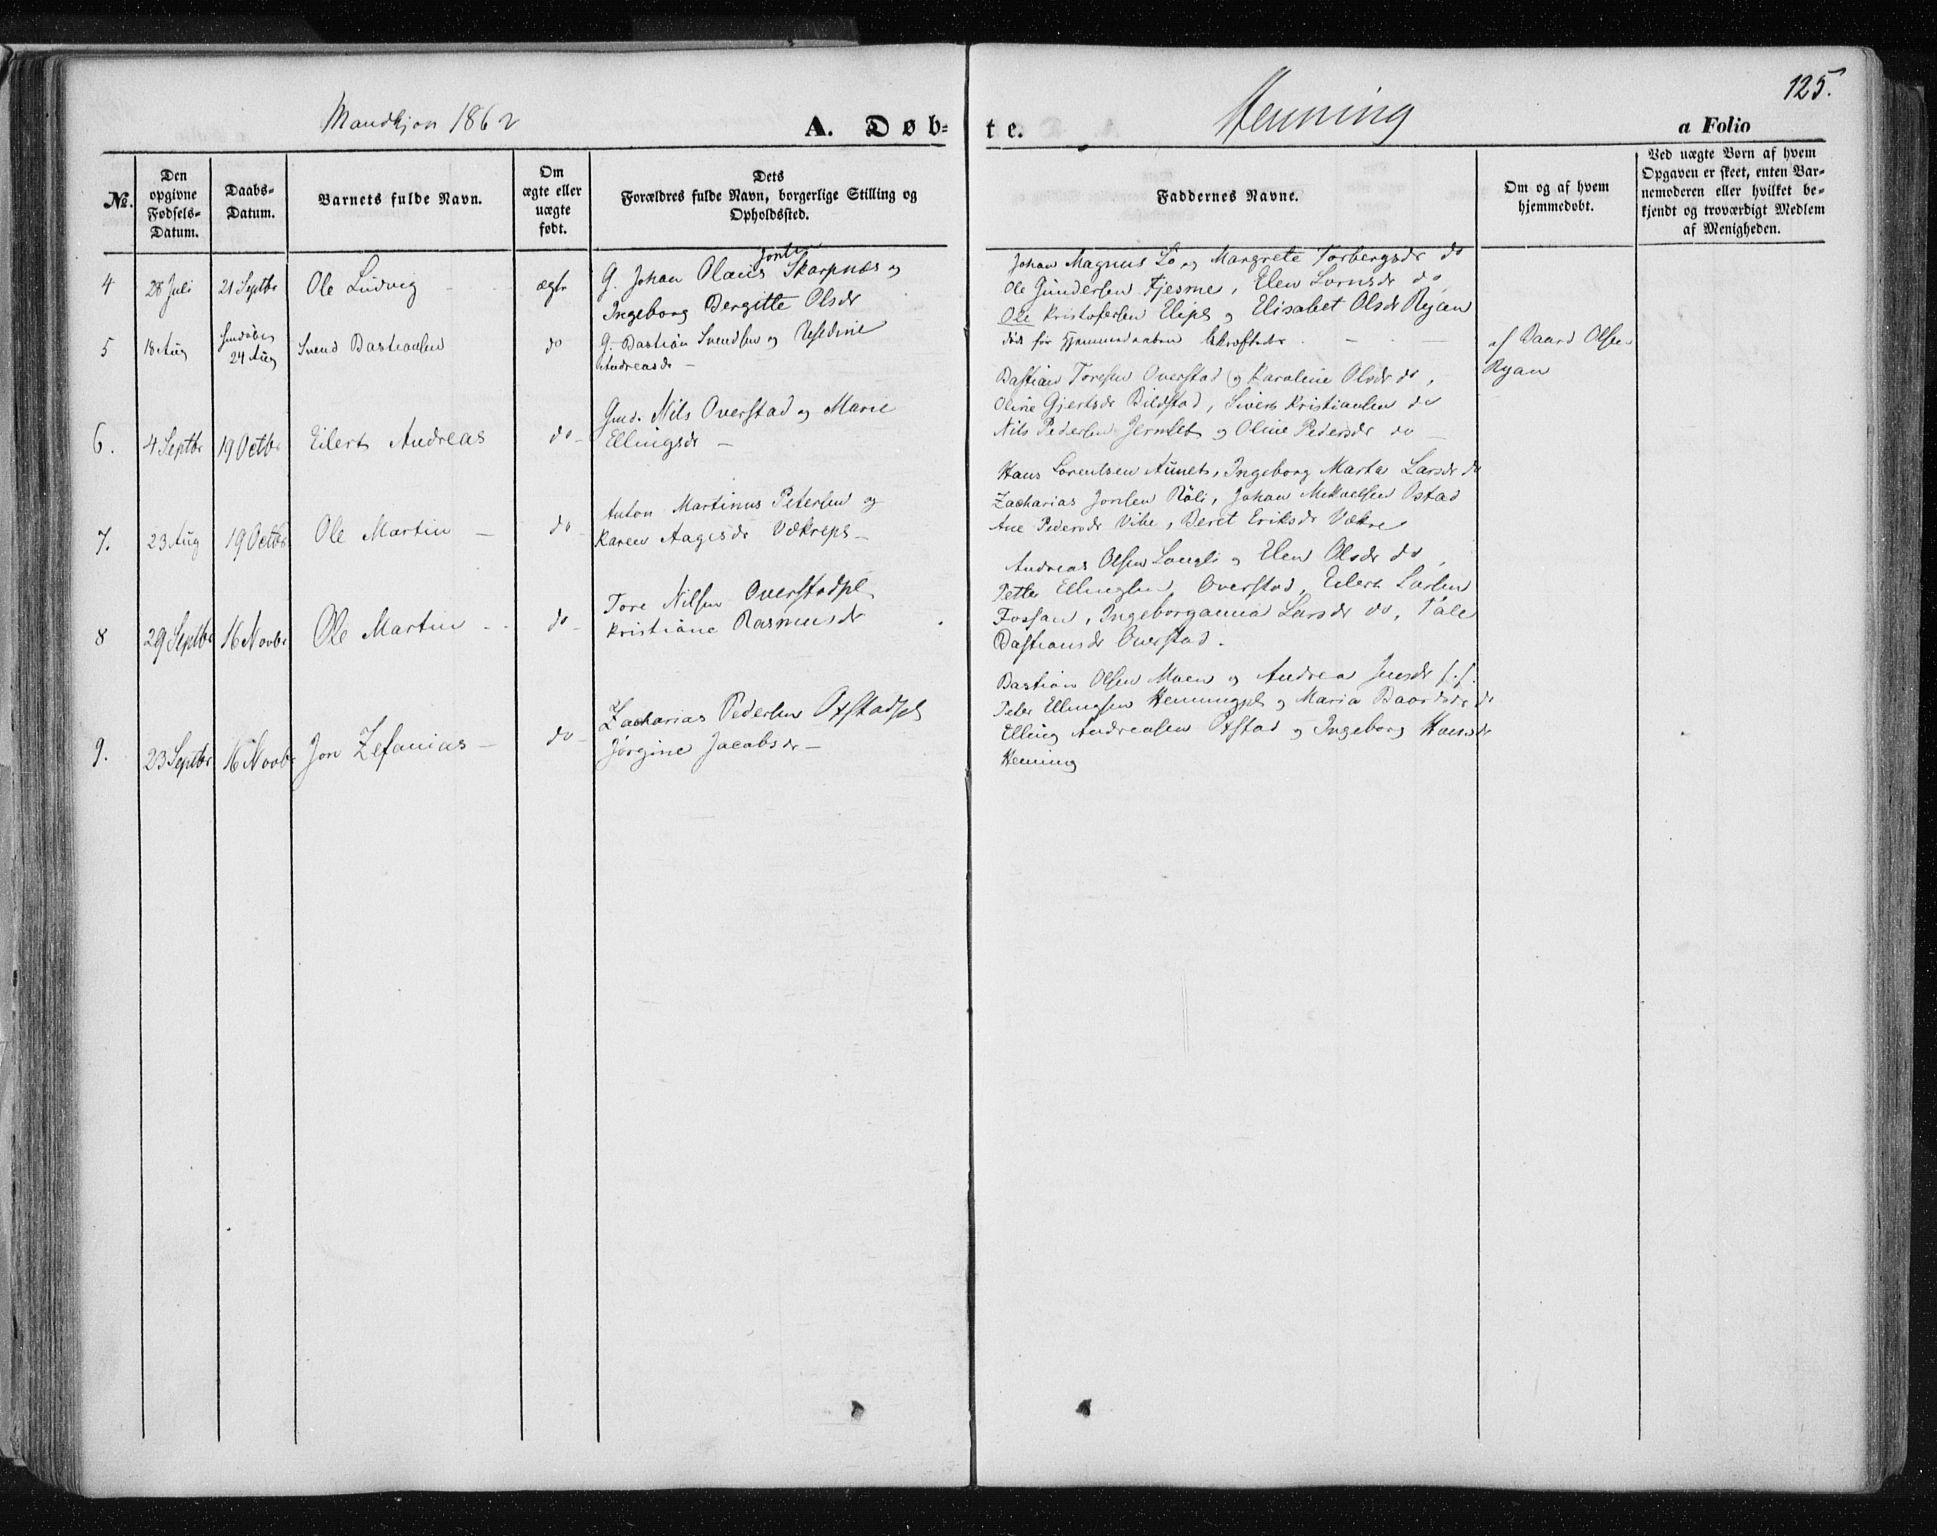 SAT, Ministerialprotokoller, klokkerbøker og fødselsregistre - Nord-Trøndelag, 735/L0342: Ministerialbok nr. 735A07 /3, 1849-1862, s. 125